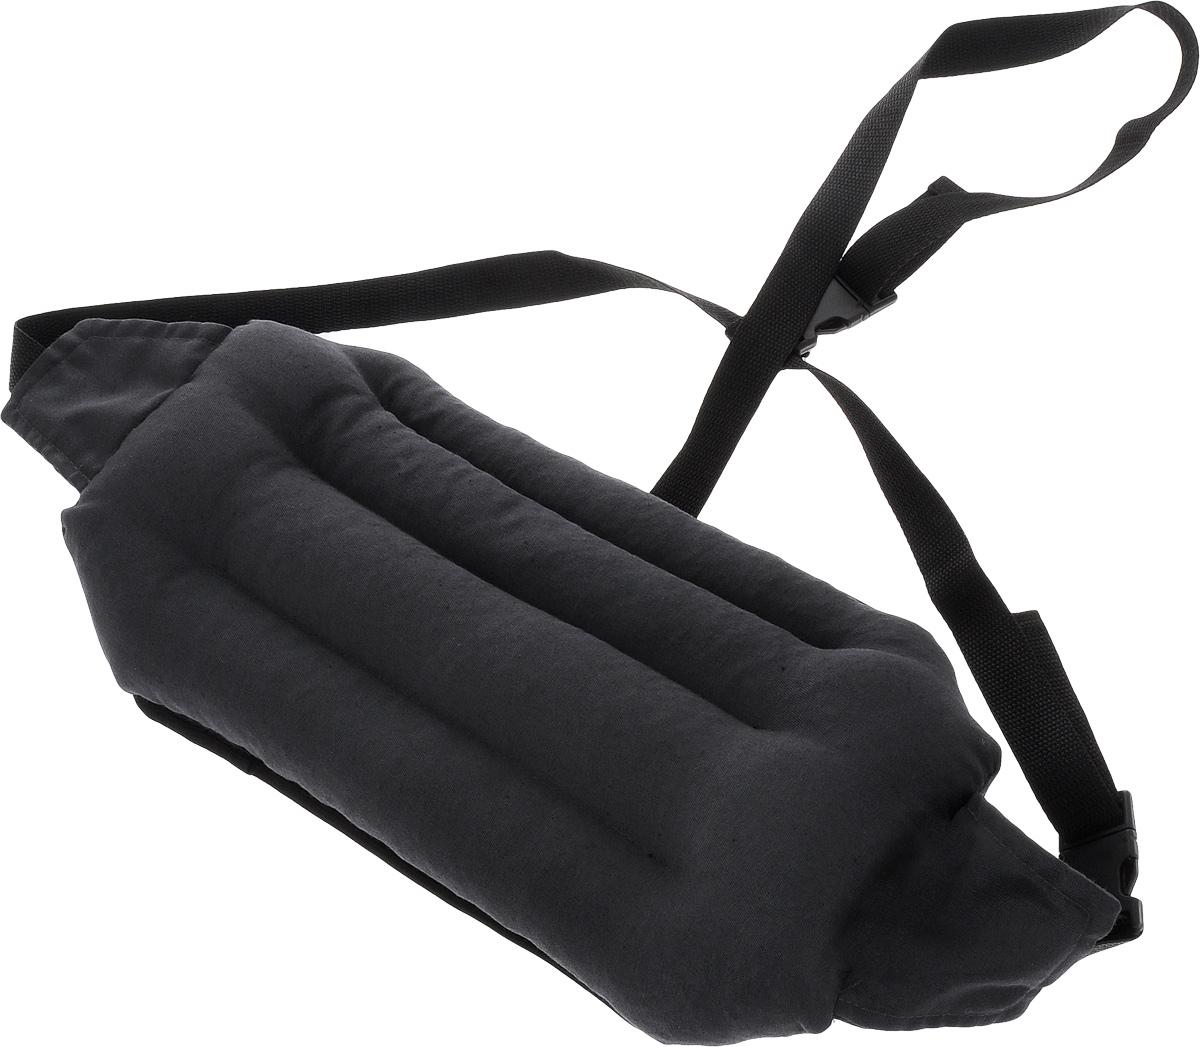 Подушка под спину Smart Textile Офис, наполнитель: лузга гречихи, 40 х 20 см115510Подушка под спину Smart Textile Офис предназначена для людей, которые много времени проводят сидя на стуле или офисном кресле. Конструкция подушки выполнена таким образом, чтобы поясничная зона чувствовала себя максимально комфортно. Поддерживается естественный изгиб позвоночника, что способствует профилактике остеохондроза, уменьшается боль в пояснице. Можно регулировать объем подушки, подгоняя ее под свои анатомические изгибы поясницы. Удобные завязки позволяют регулировать ее положение на любом кресле.Подушка заполнена лепестками гречишной лузги, которая обладает множеством полезных качеств:- Хорошо проветривается.- Предупреждает потение.- Поддерживает комфортную температуру.- Обминается по форме тела.- Обеспечивает микромассаж.- Улучшает кровообращение.- Исключает затечные явления.Подушка также будет полезна и дома - при работе за компьютером, школьникам - при выполнении домашних работ.Чехол подушки выполнен из смесовой ткани.